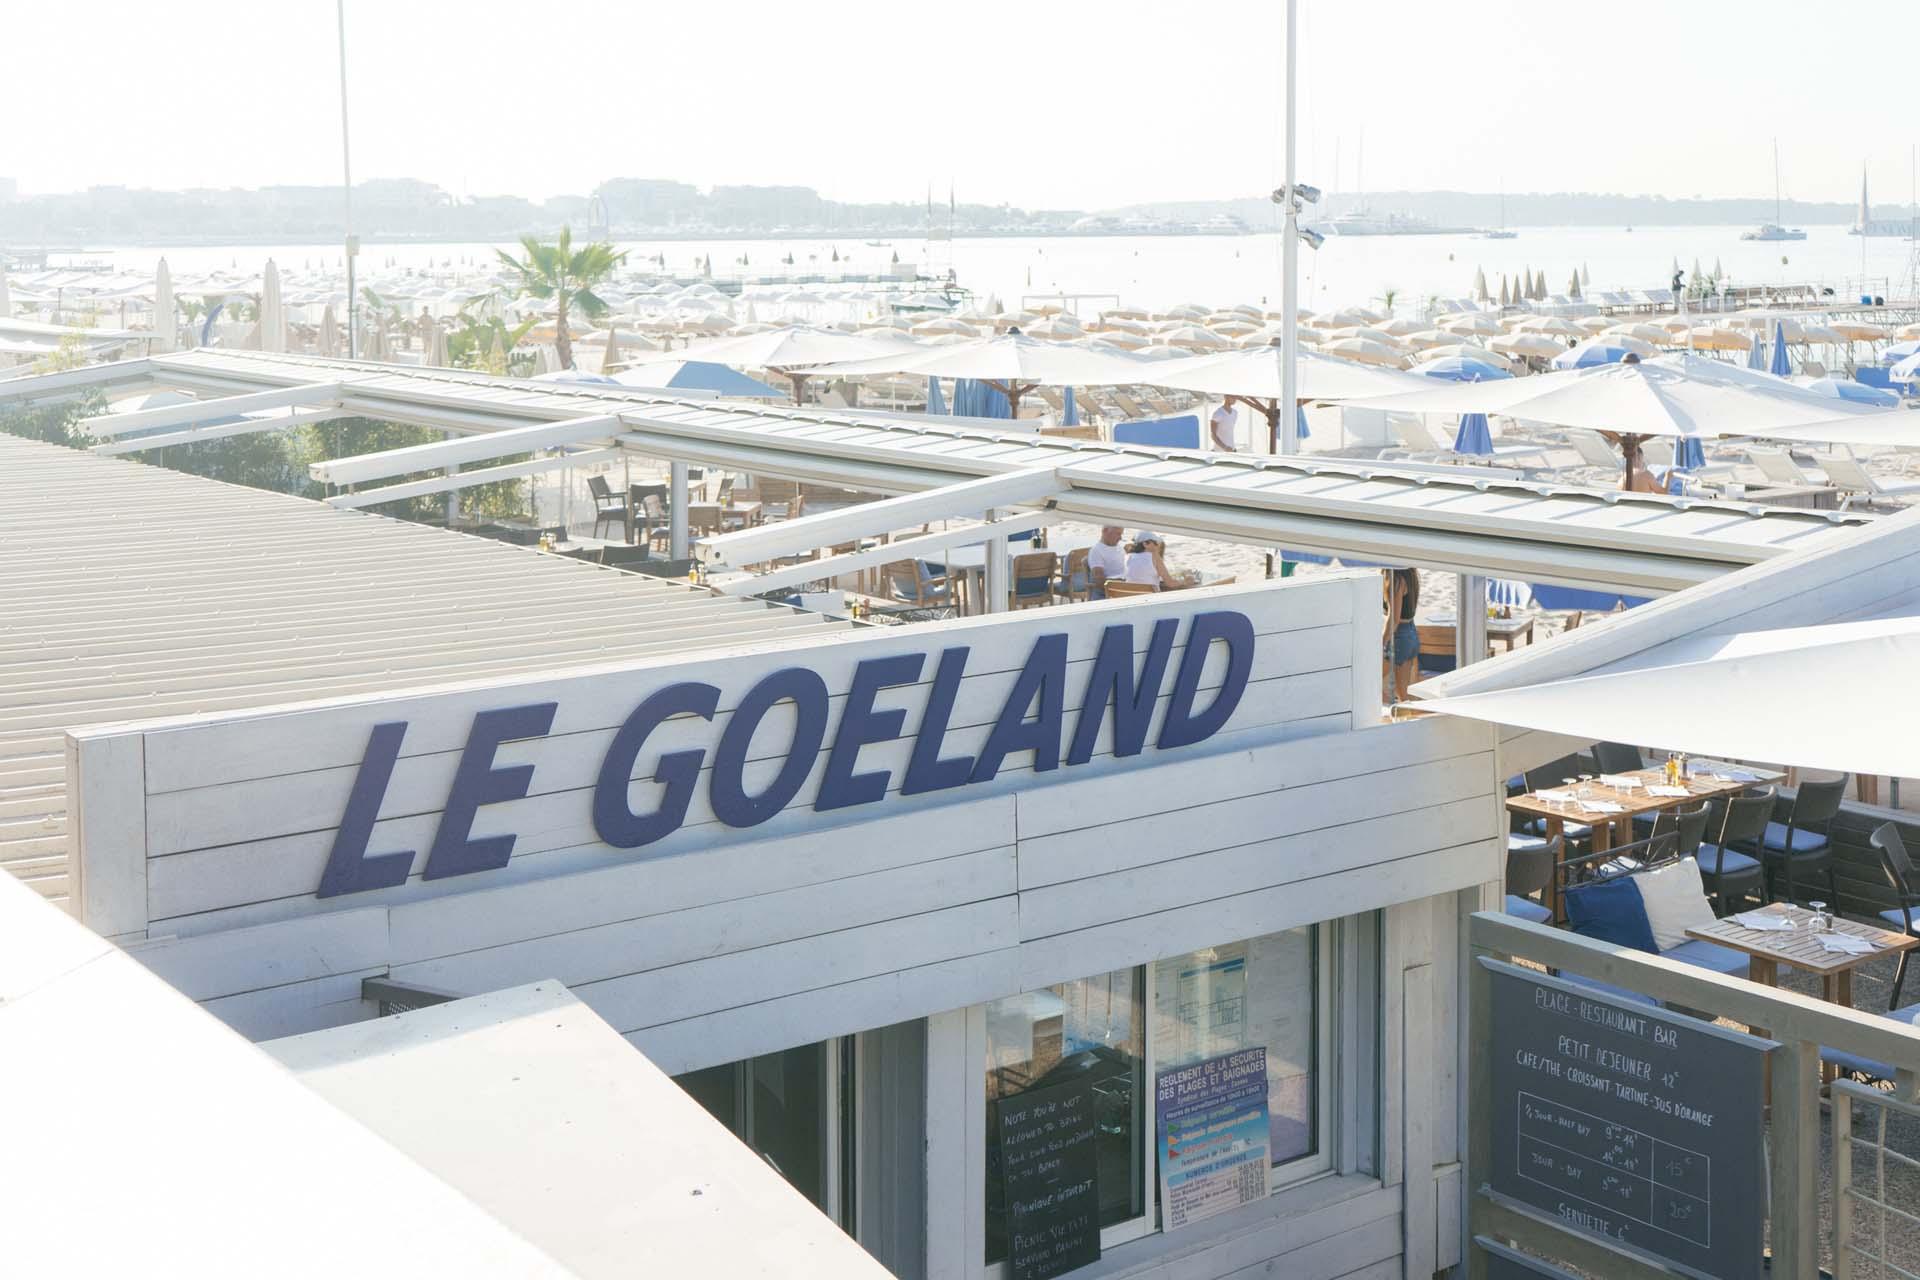 LE GOELAND-28